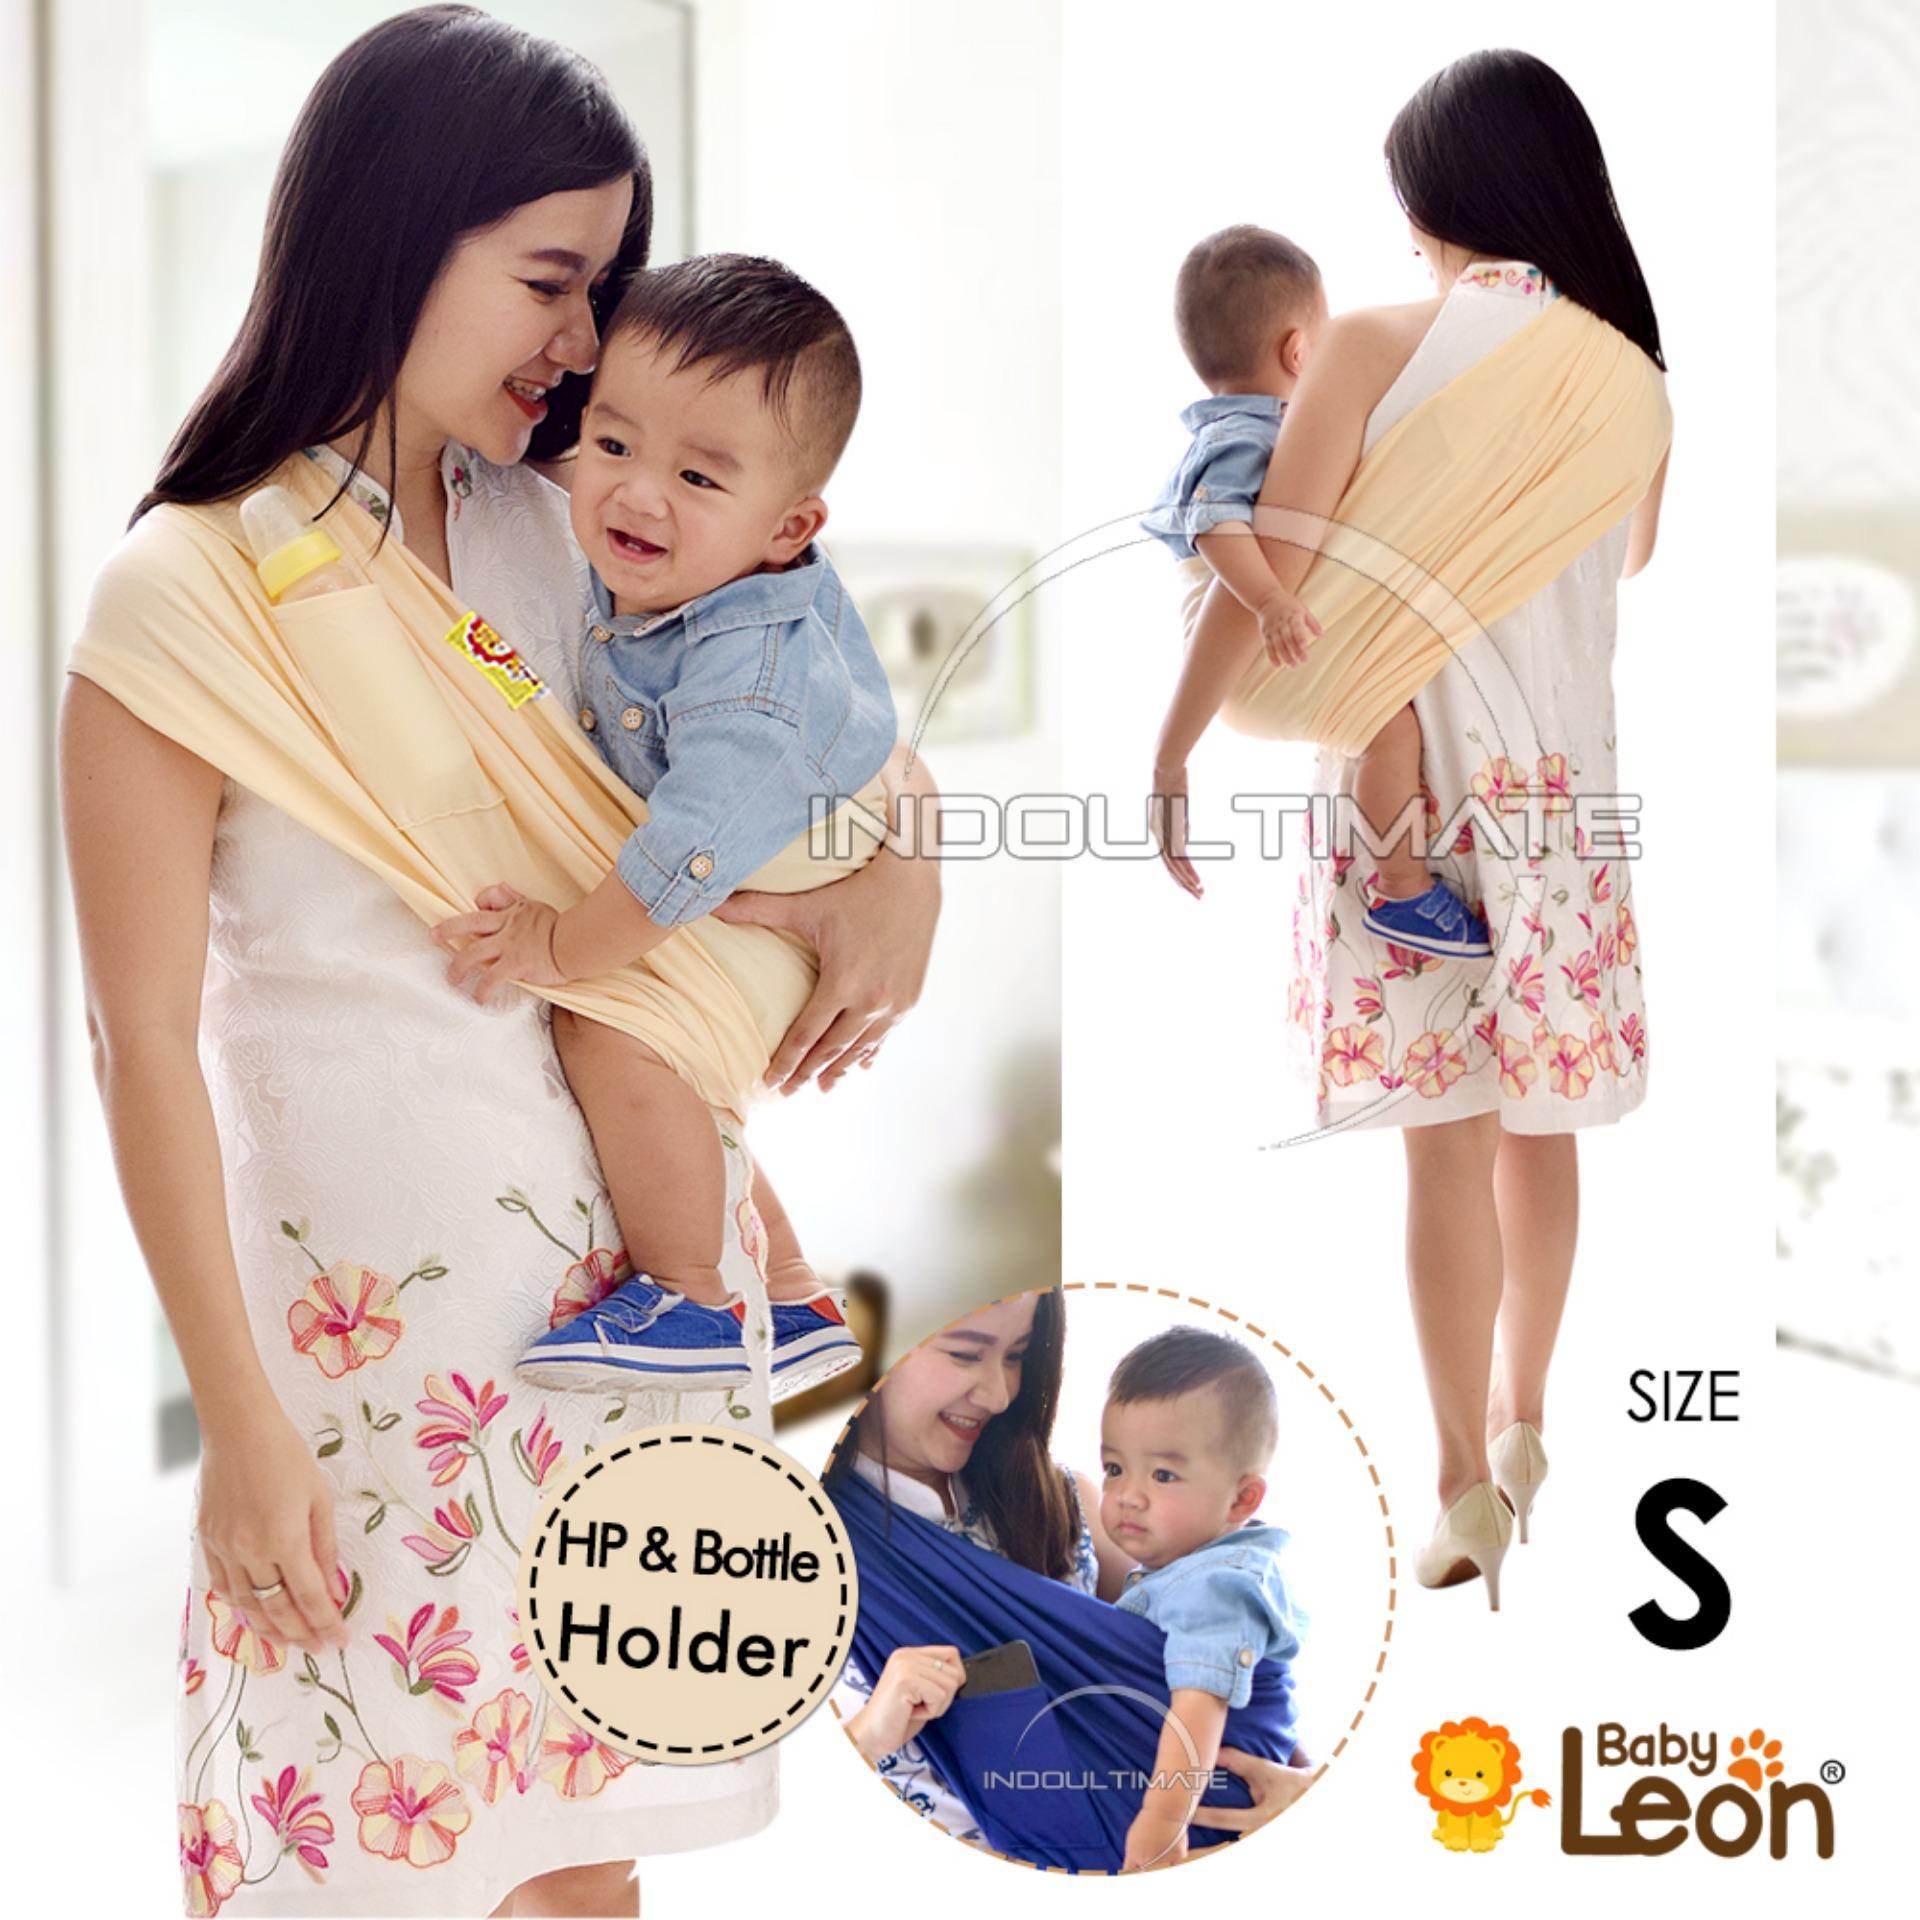 Dunia Anak Jalan Snobby Gendongan Bayi Samping Tpg 1542 Baby Leon Kaos Geos Selendang Praktis By 44 Gb Polos Ukuran